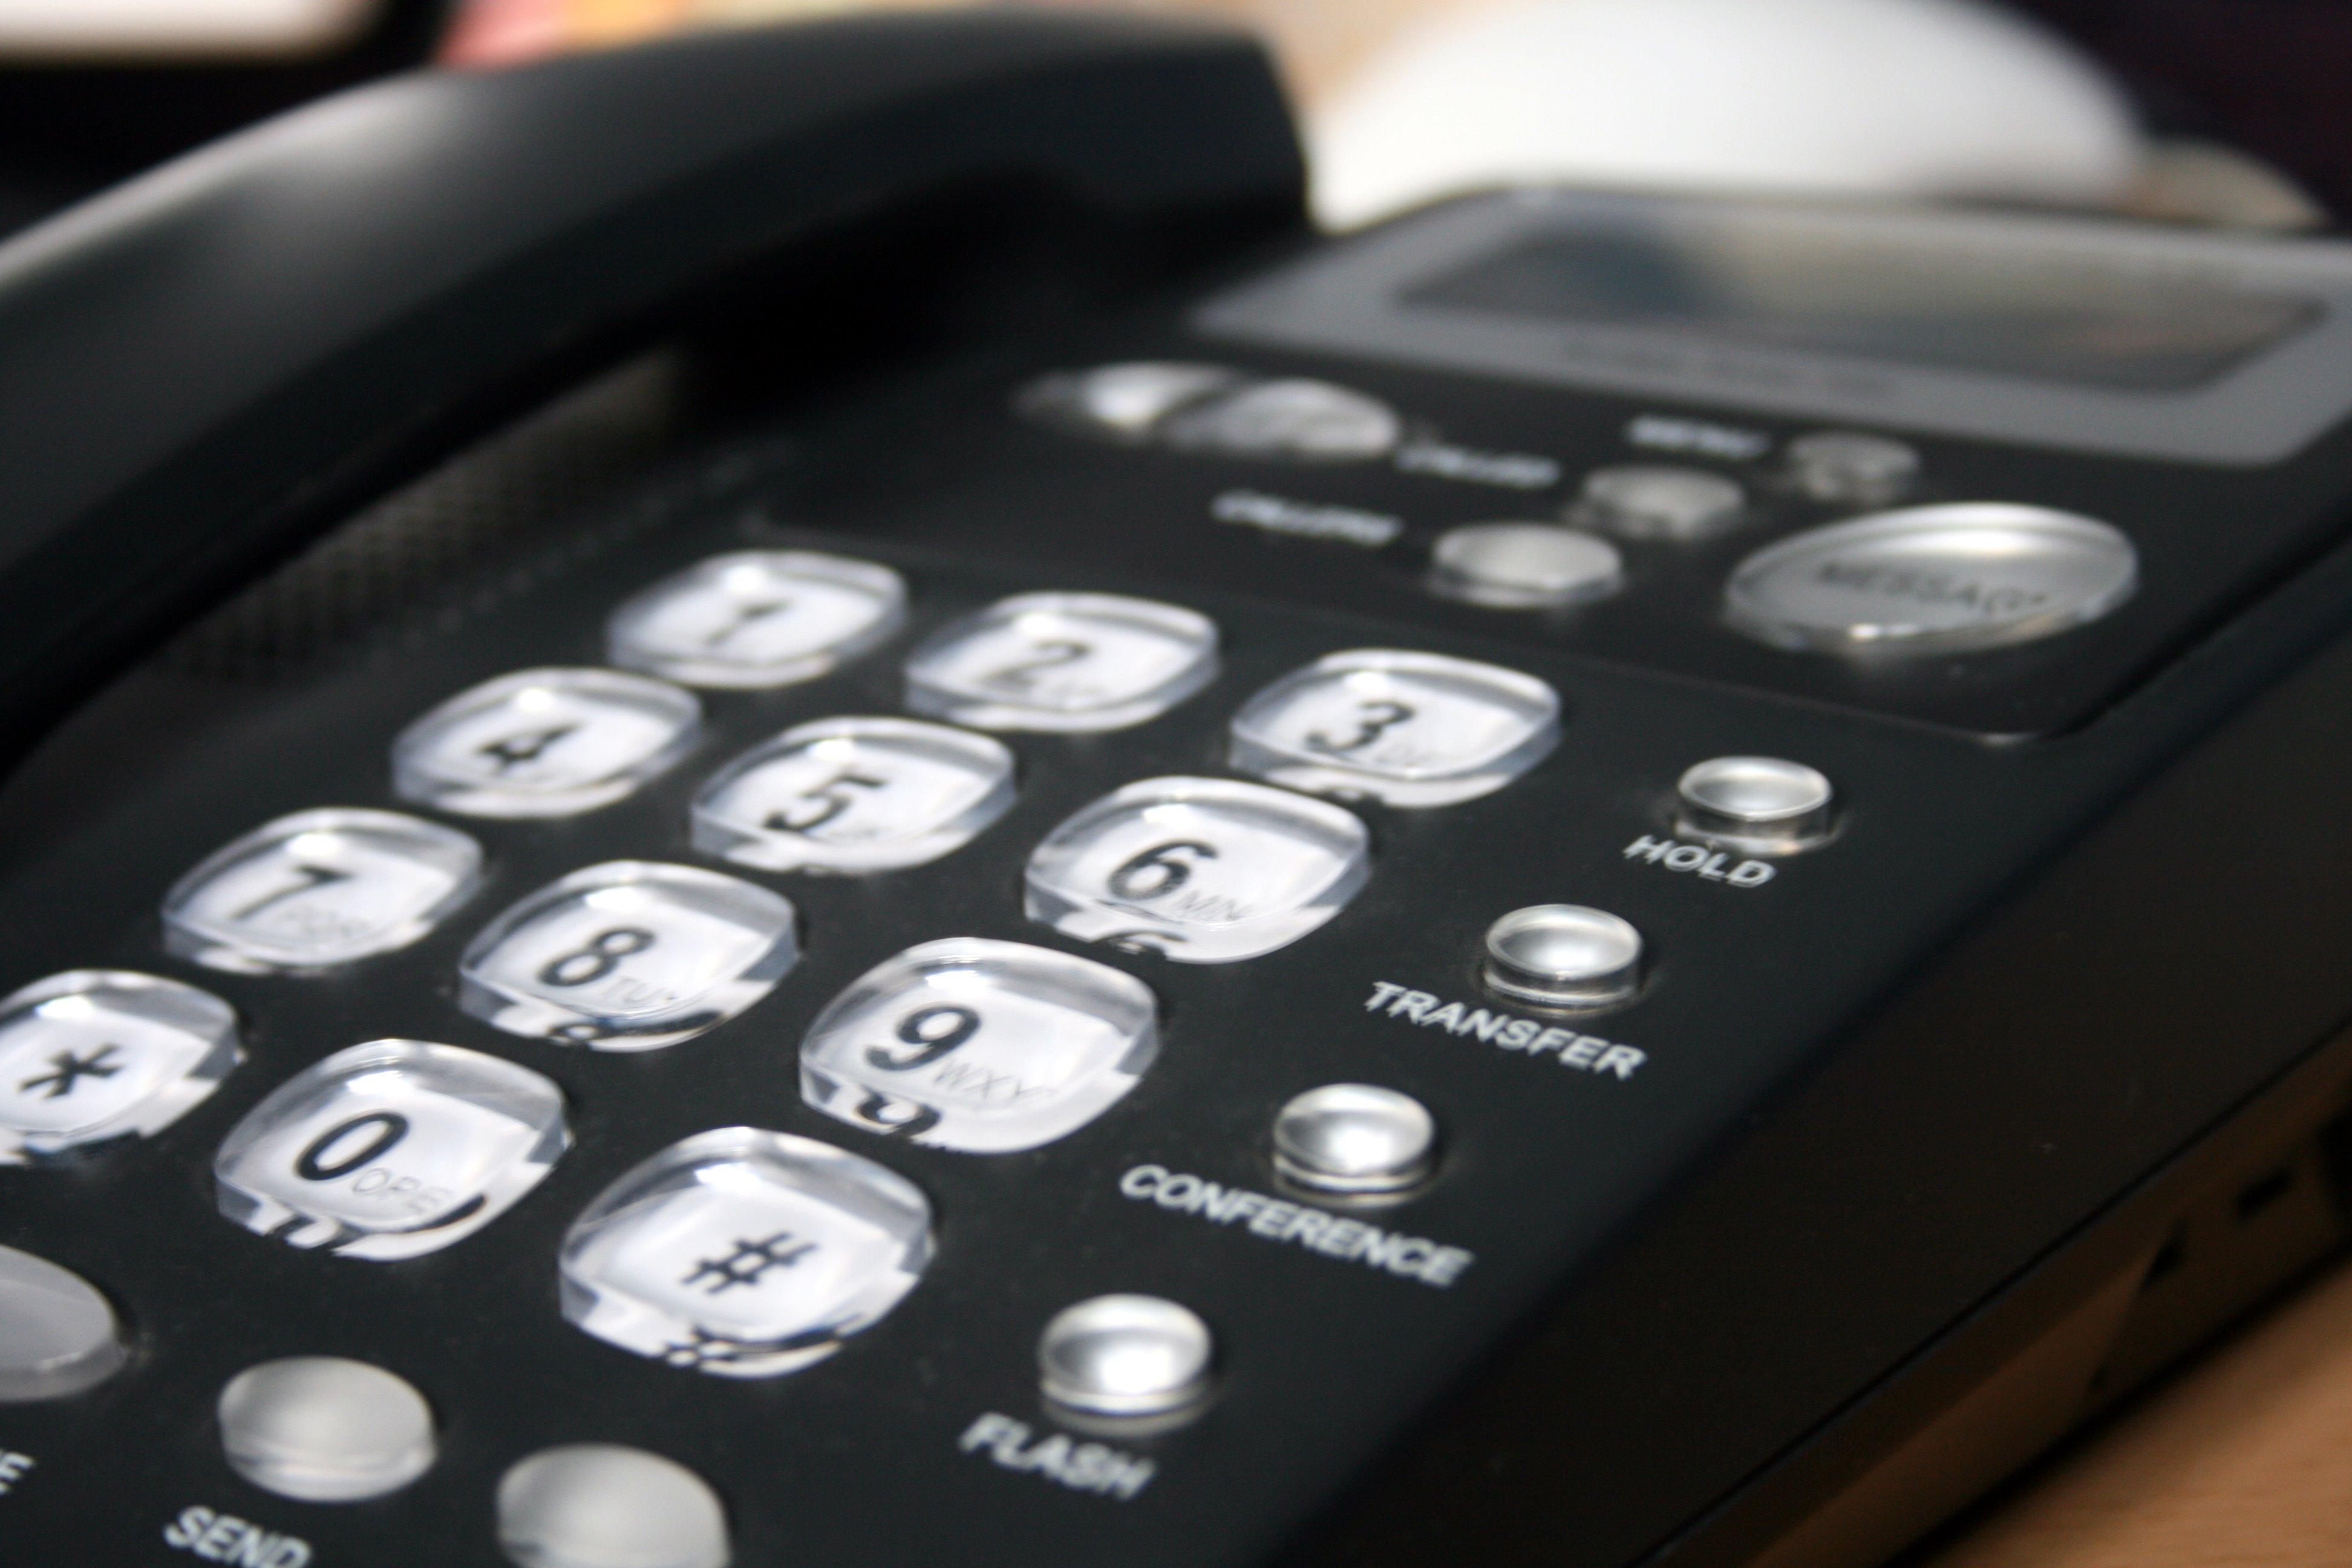 telefoon in een bedrijf